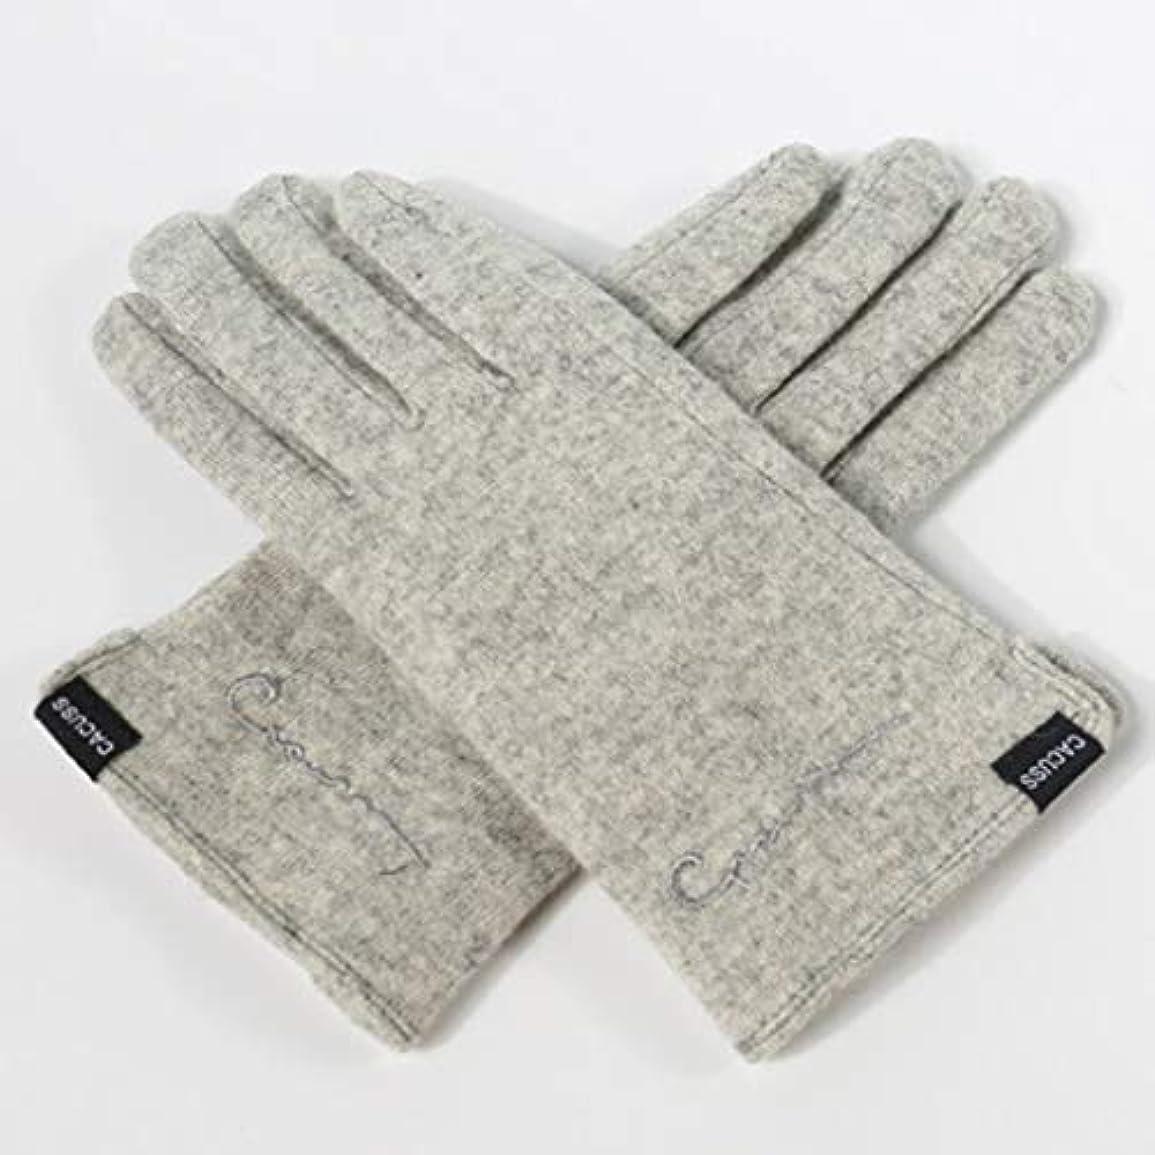 逃げる複製ログ手袋女性の冬のタッチスクリーンのファッション暖かく快適なポイントは、乗馬を厚くする (色 : Gray)